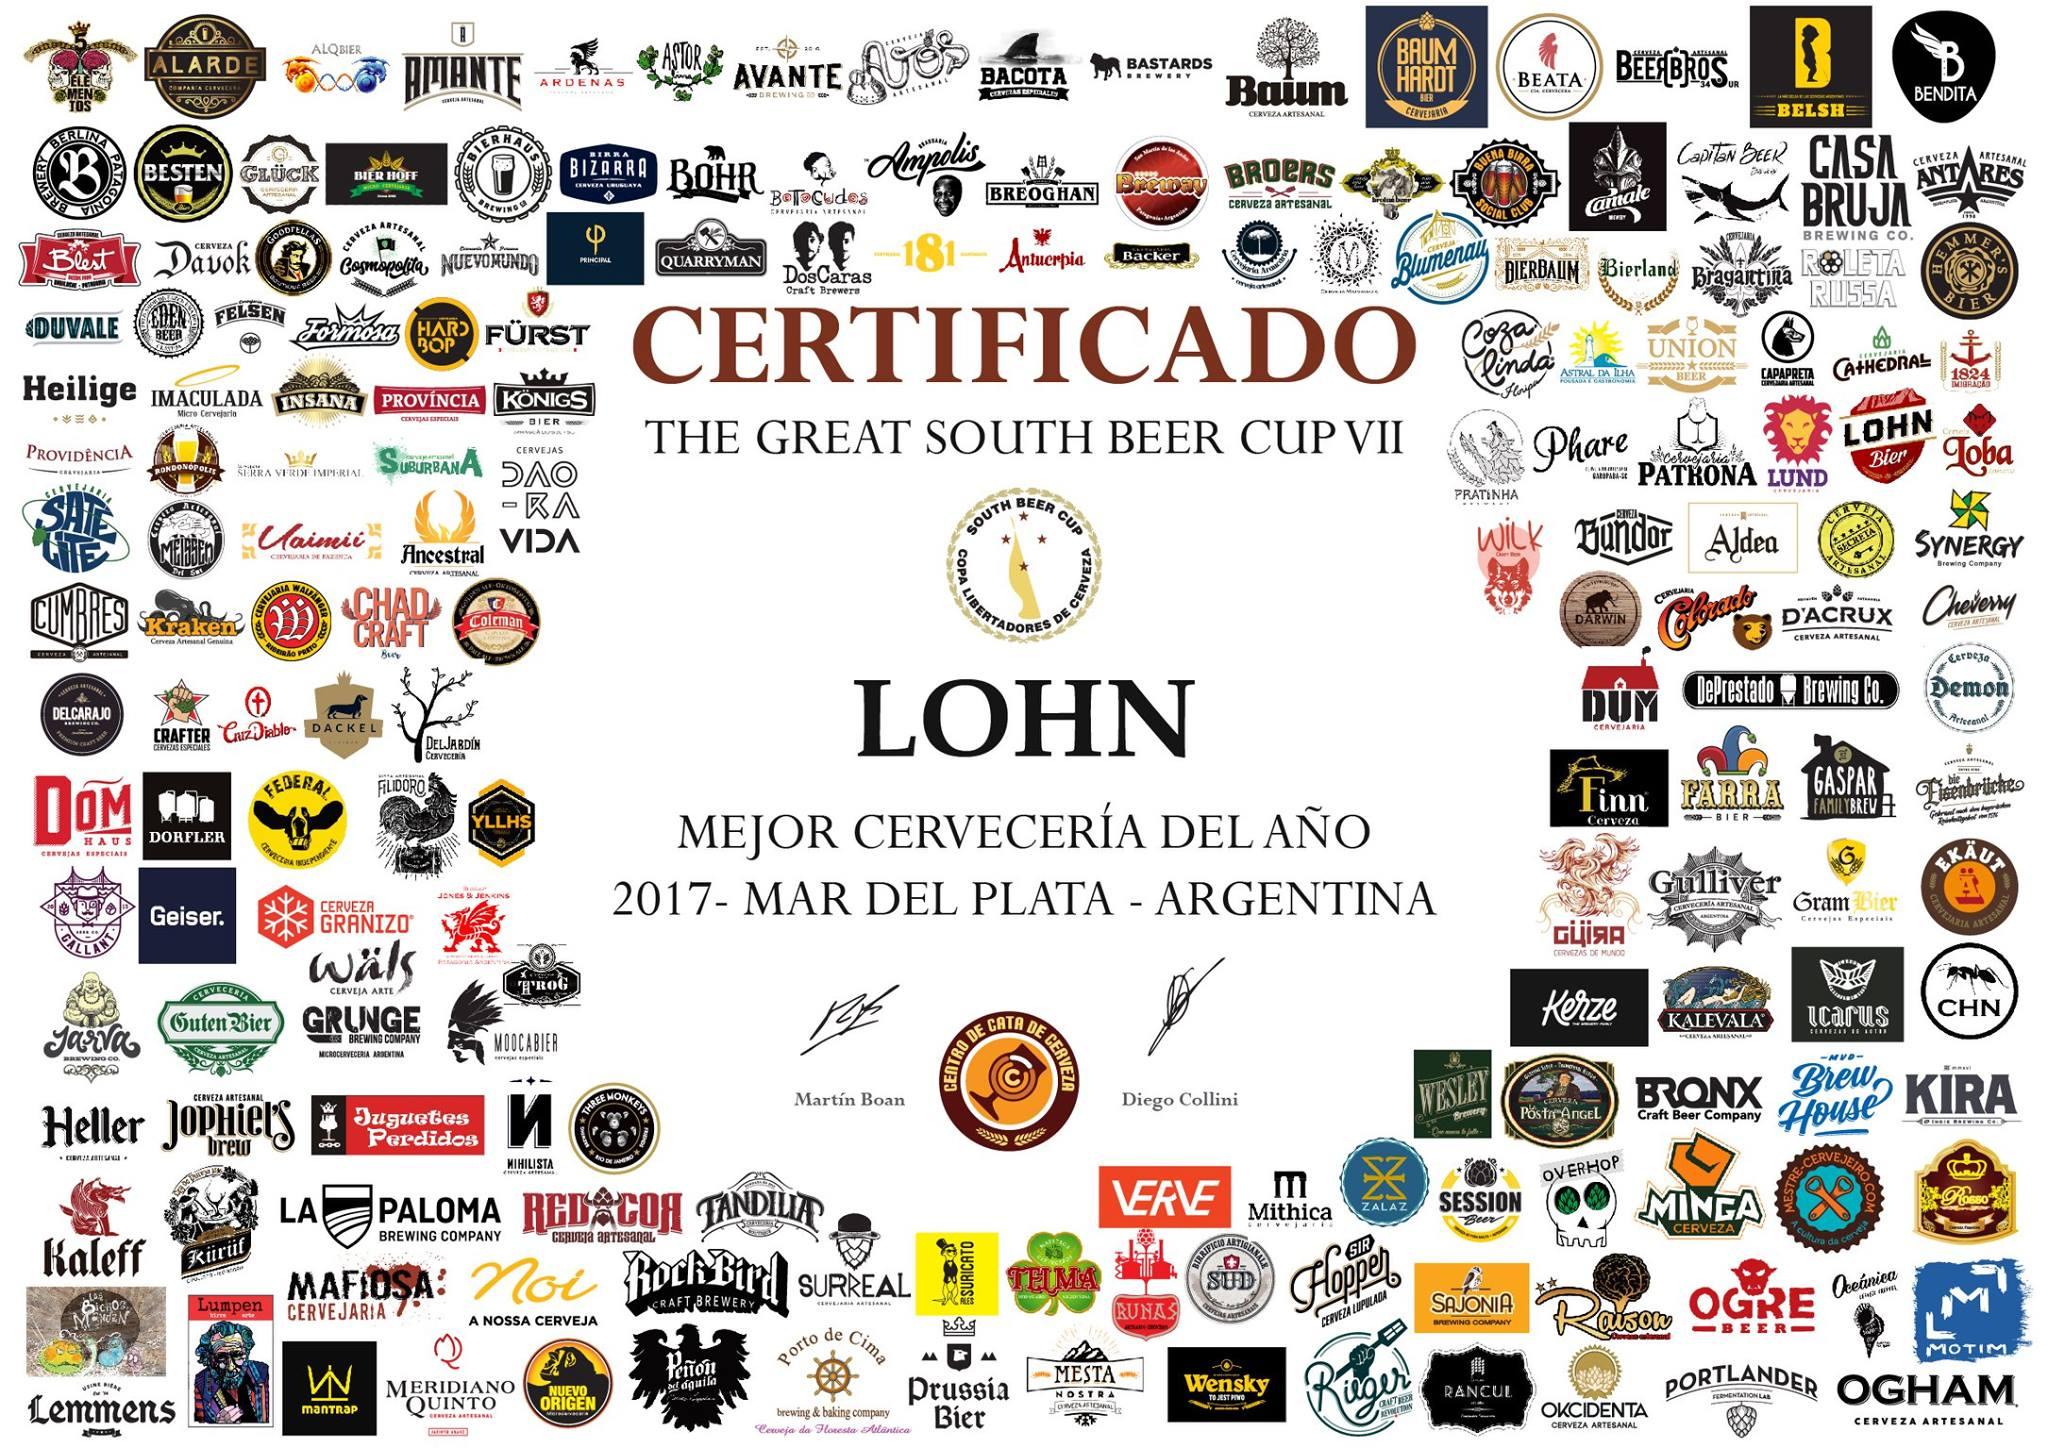 Entre três dezenas de cervejarias brasileiras premiadas, o destaque maior ficou com a Lohn Bier, a Cervejaria do Ano (Foto: Divulgação)